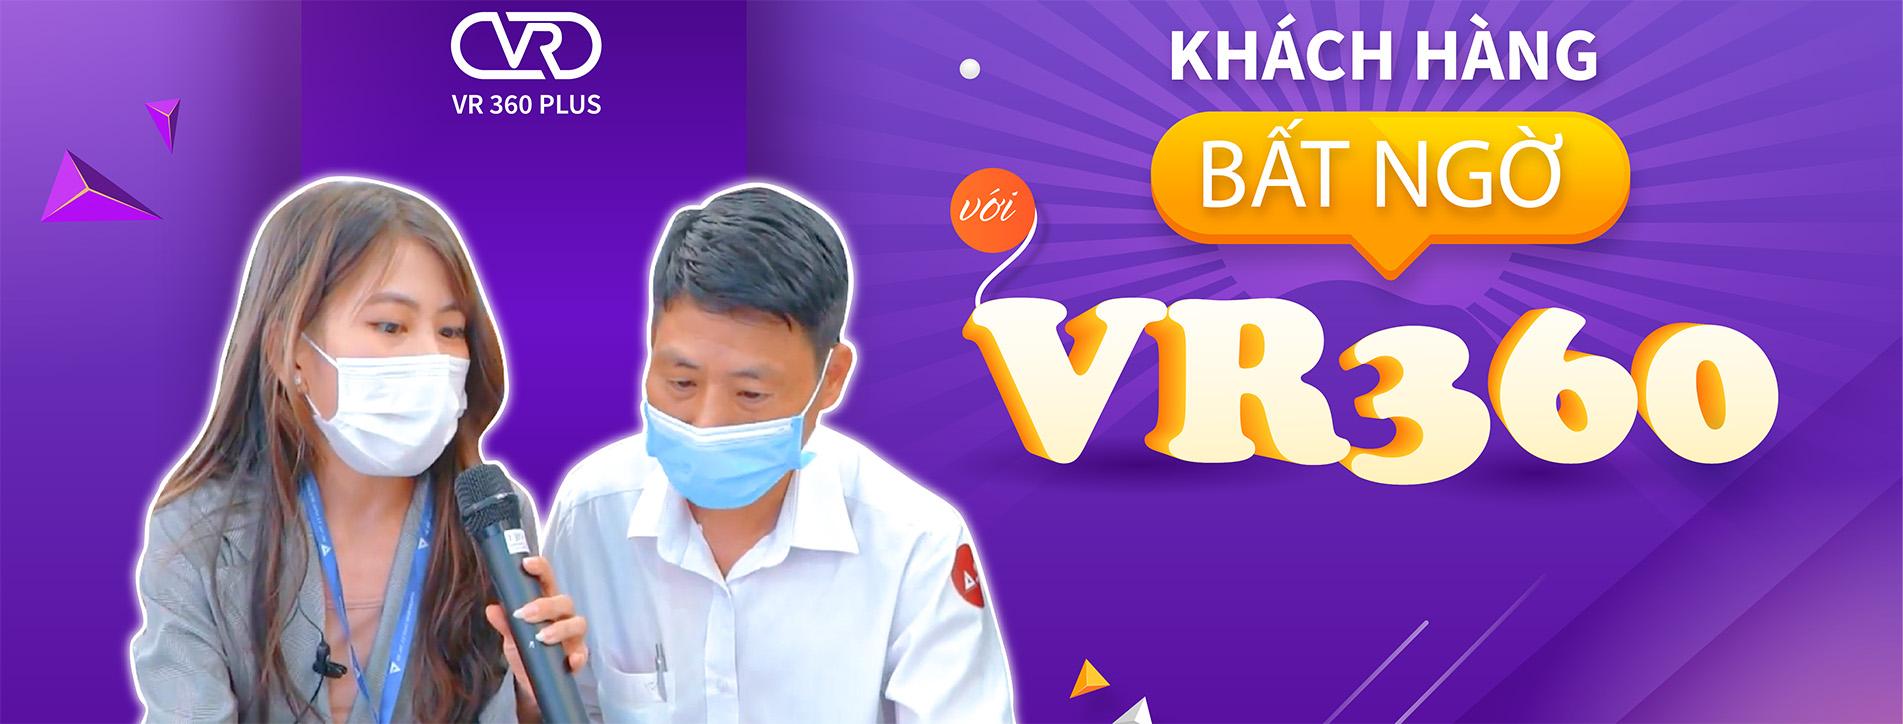 Khách Hàng Bất Ngờ Với VR360PLUS